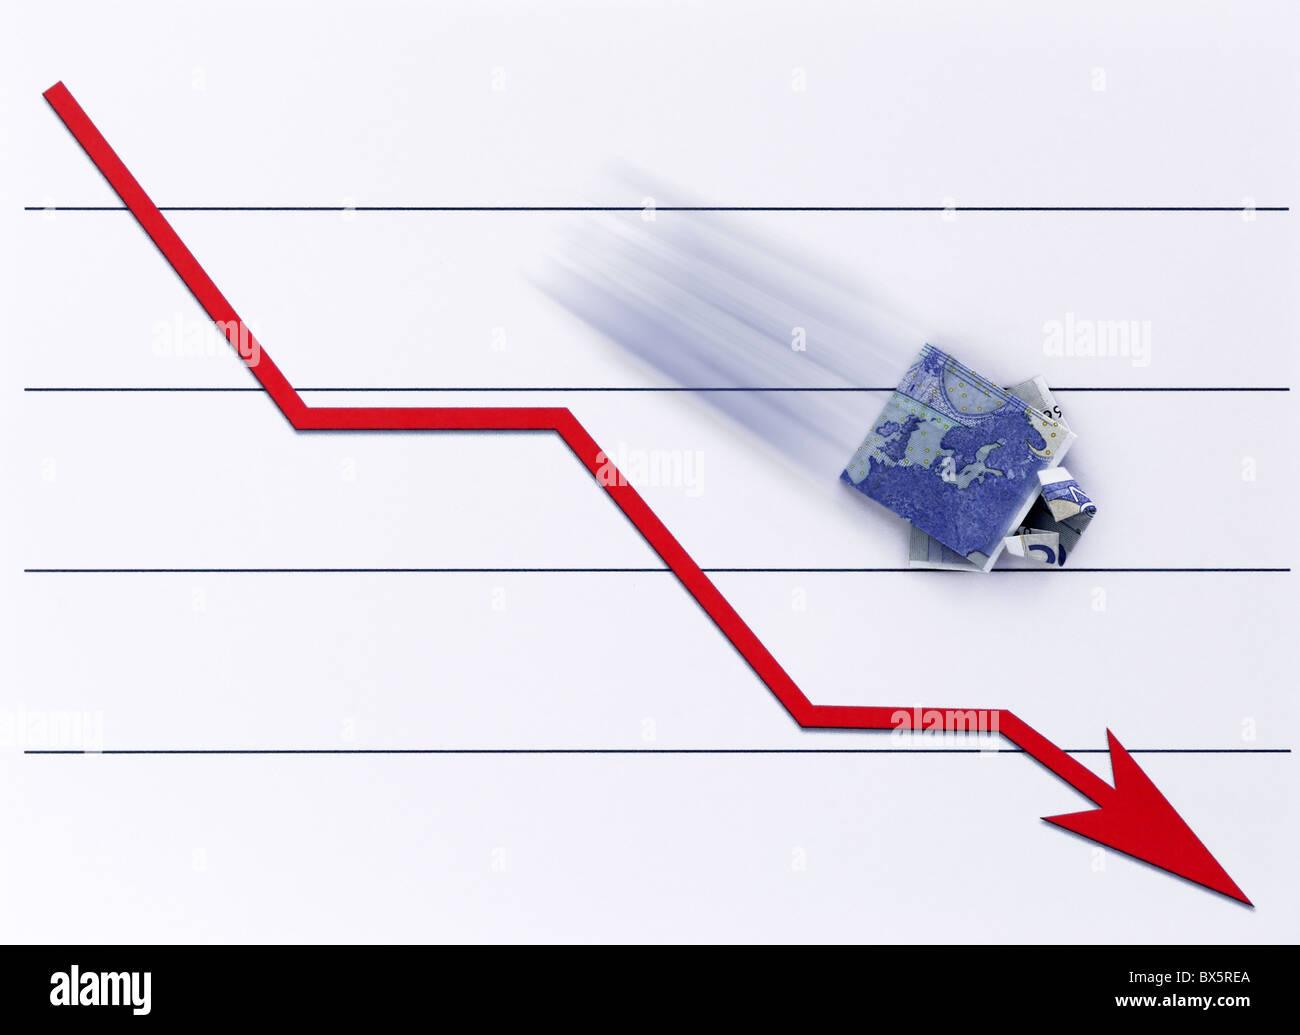 Ein Geldschein – Hemd stürzt auf einem Chart |A cash note - shirt falls on a Chart| Stock Photo